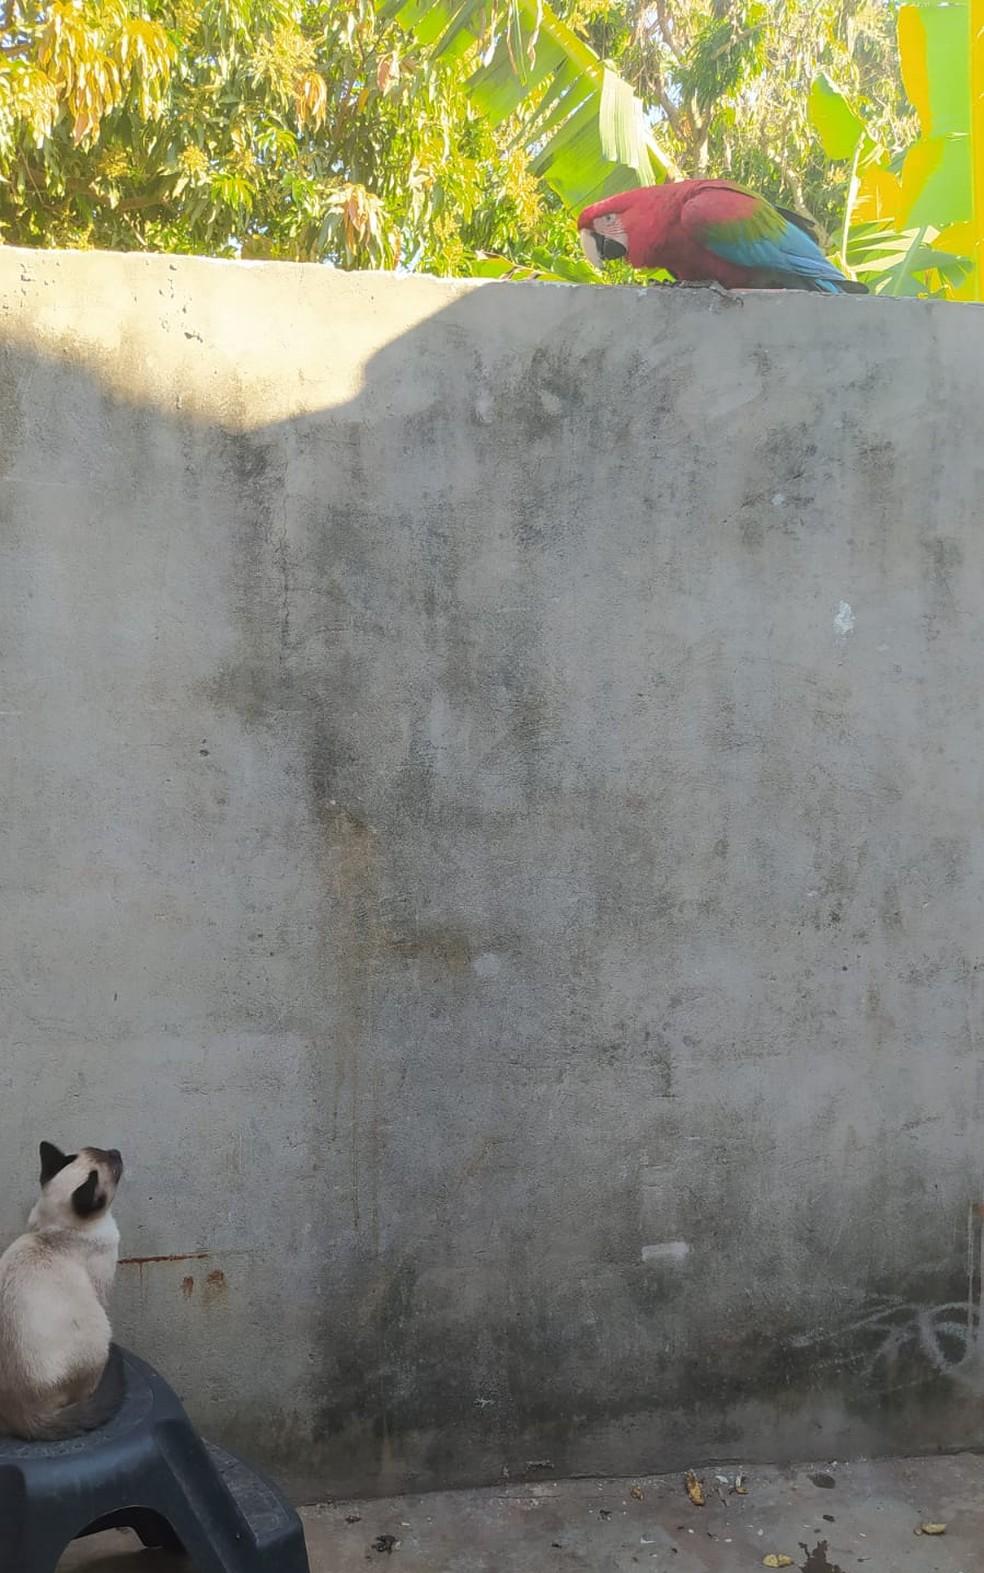 A arara vive em harmonia com os outros animais de estimação de Rosilene — Foto: Arquivo Pessoal/Rosilene Nascimento